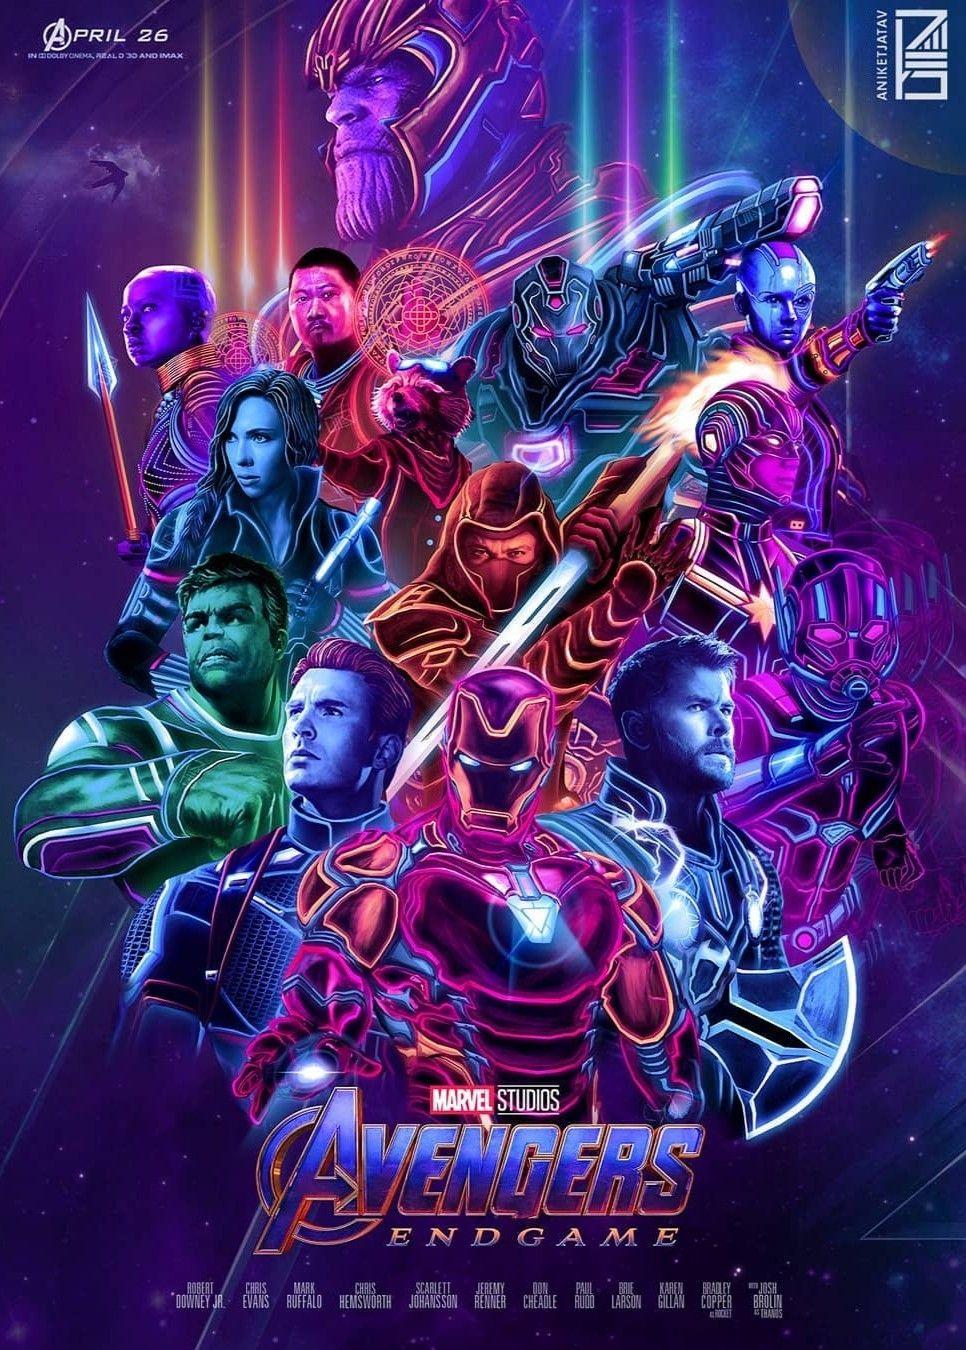 Avengers Endgame Neon Wallpaper